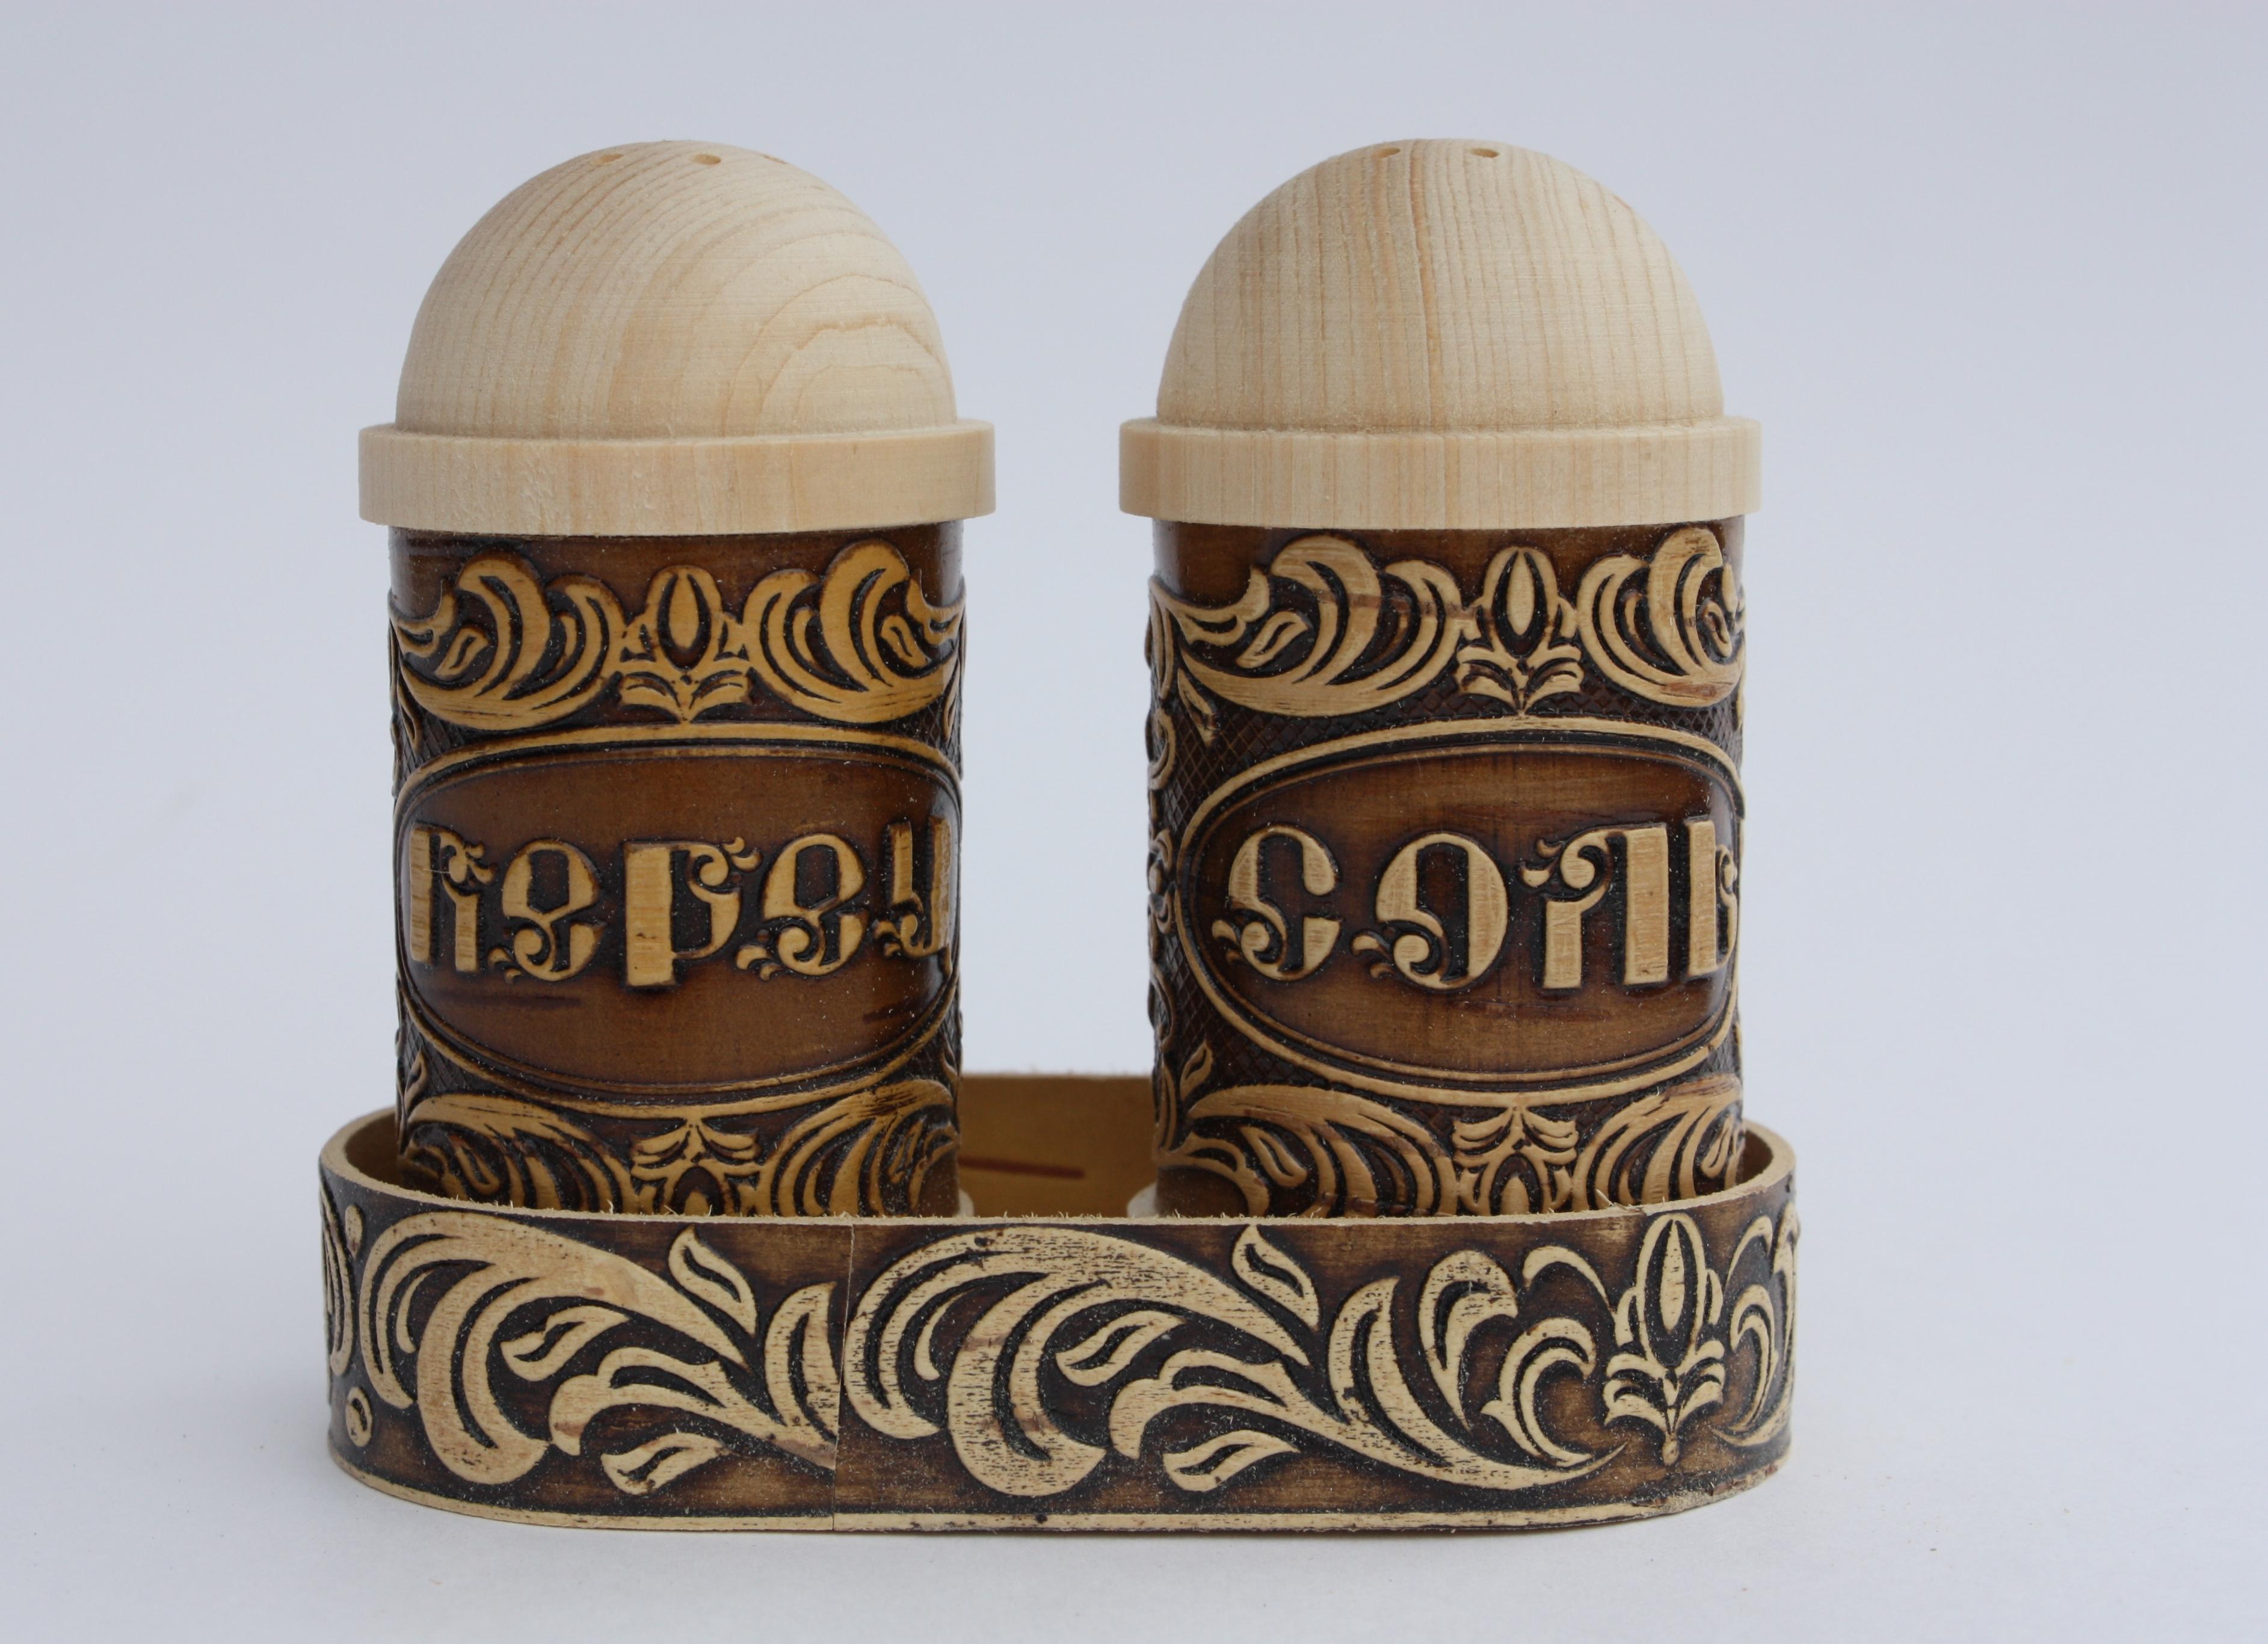 Сбор заказов. Сувенирная продукция от производителя Сибирский сувенир - Матрешки Семеновские и Хохлома, изделия из